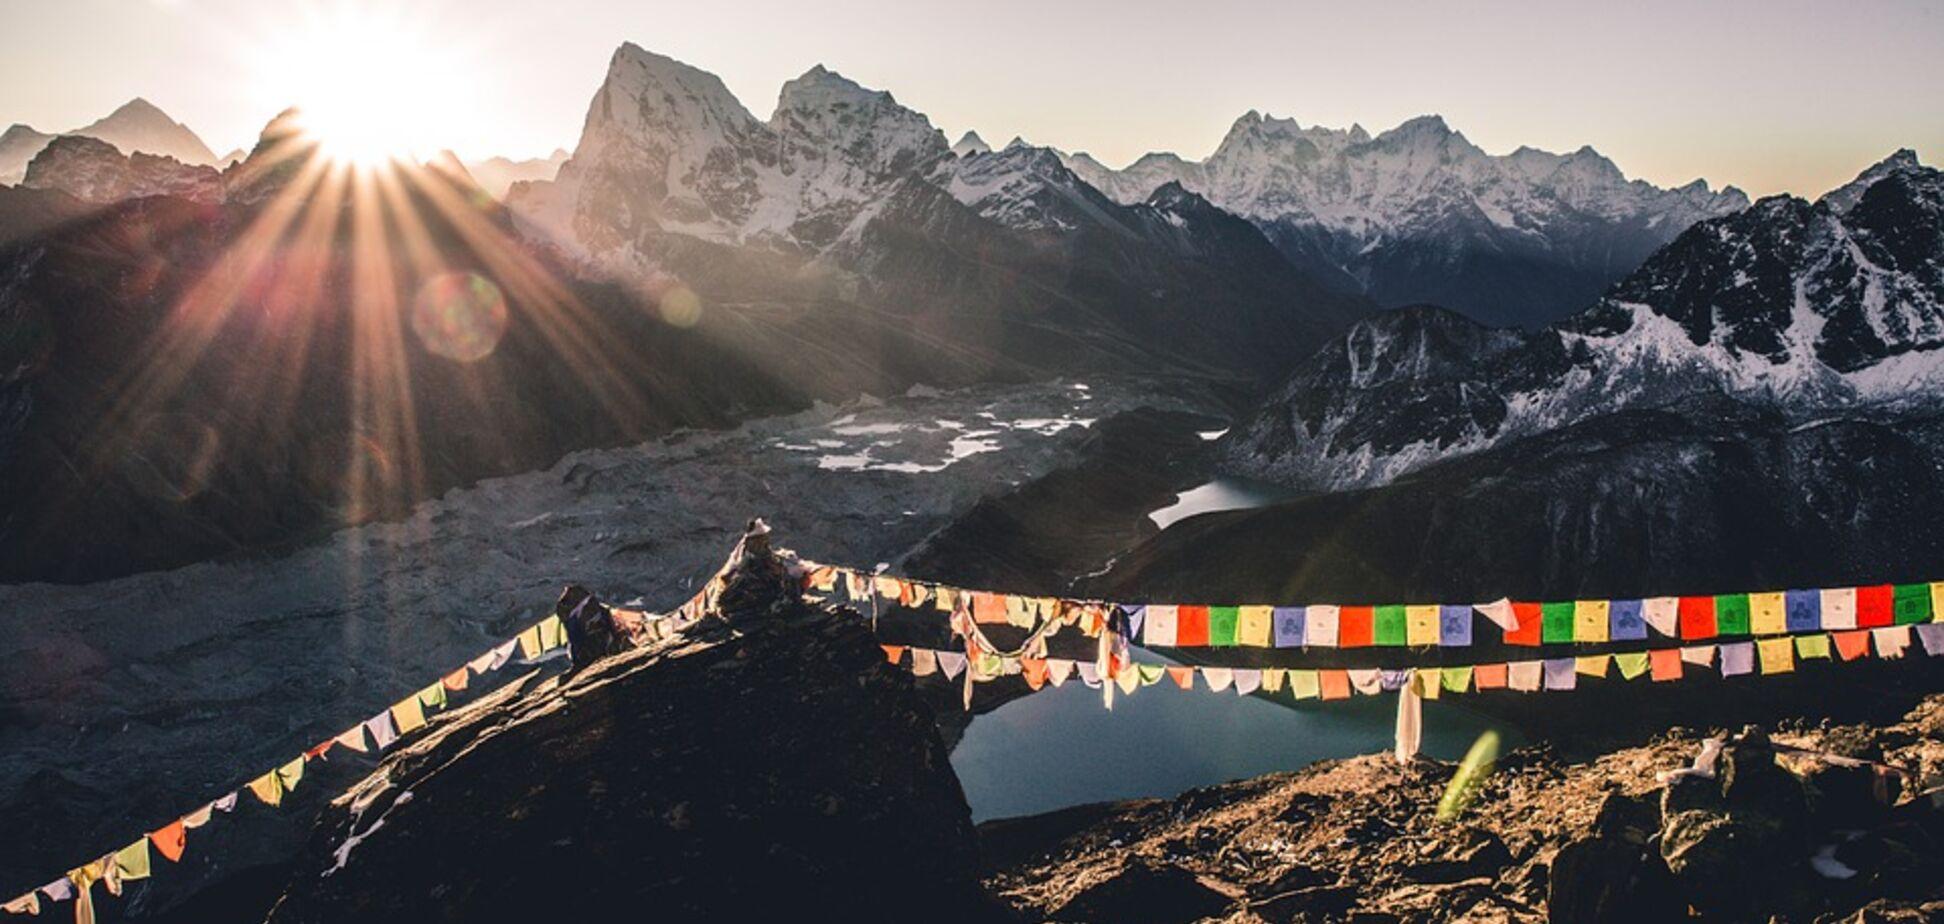 Эверест под запретом: Непал перестал выдавать туристические визы